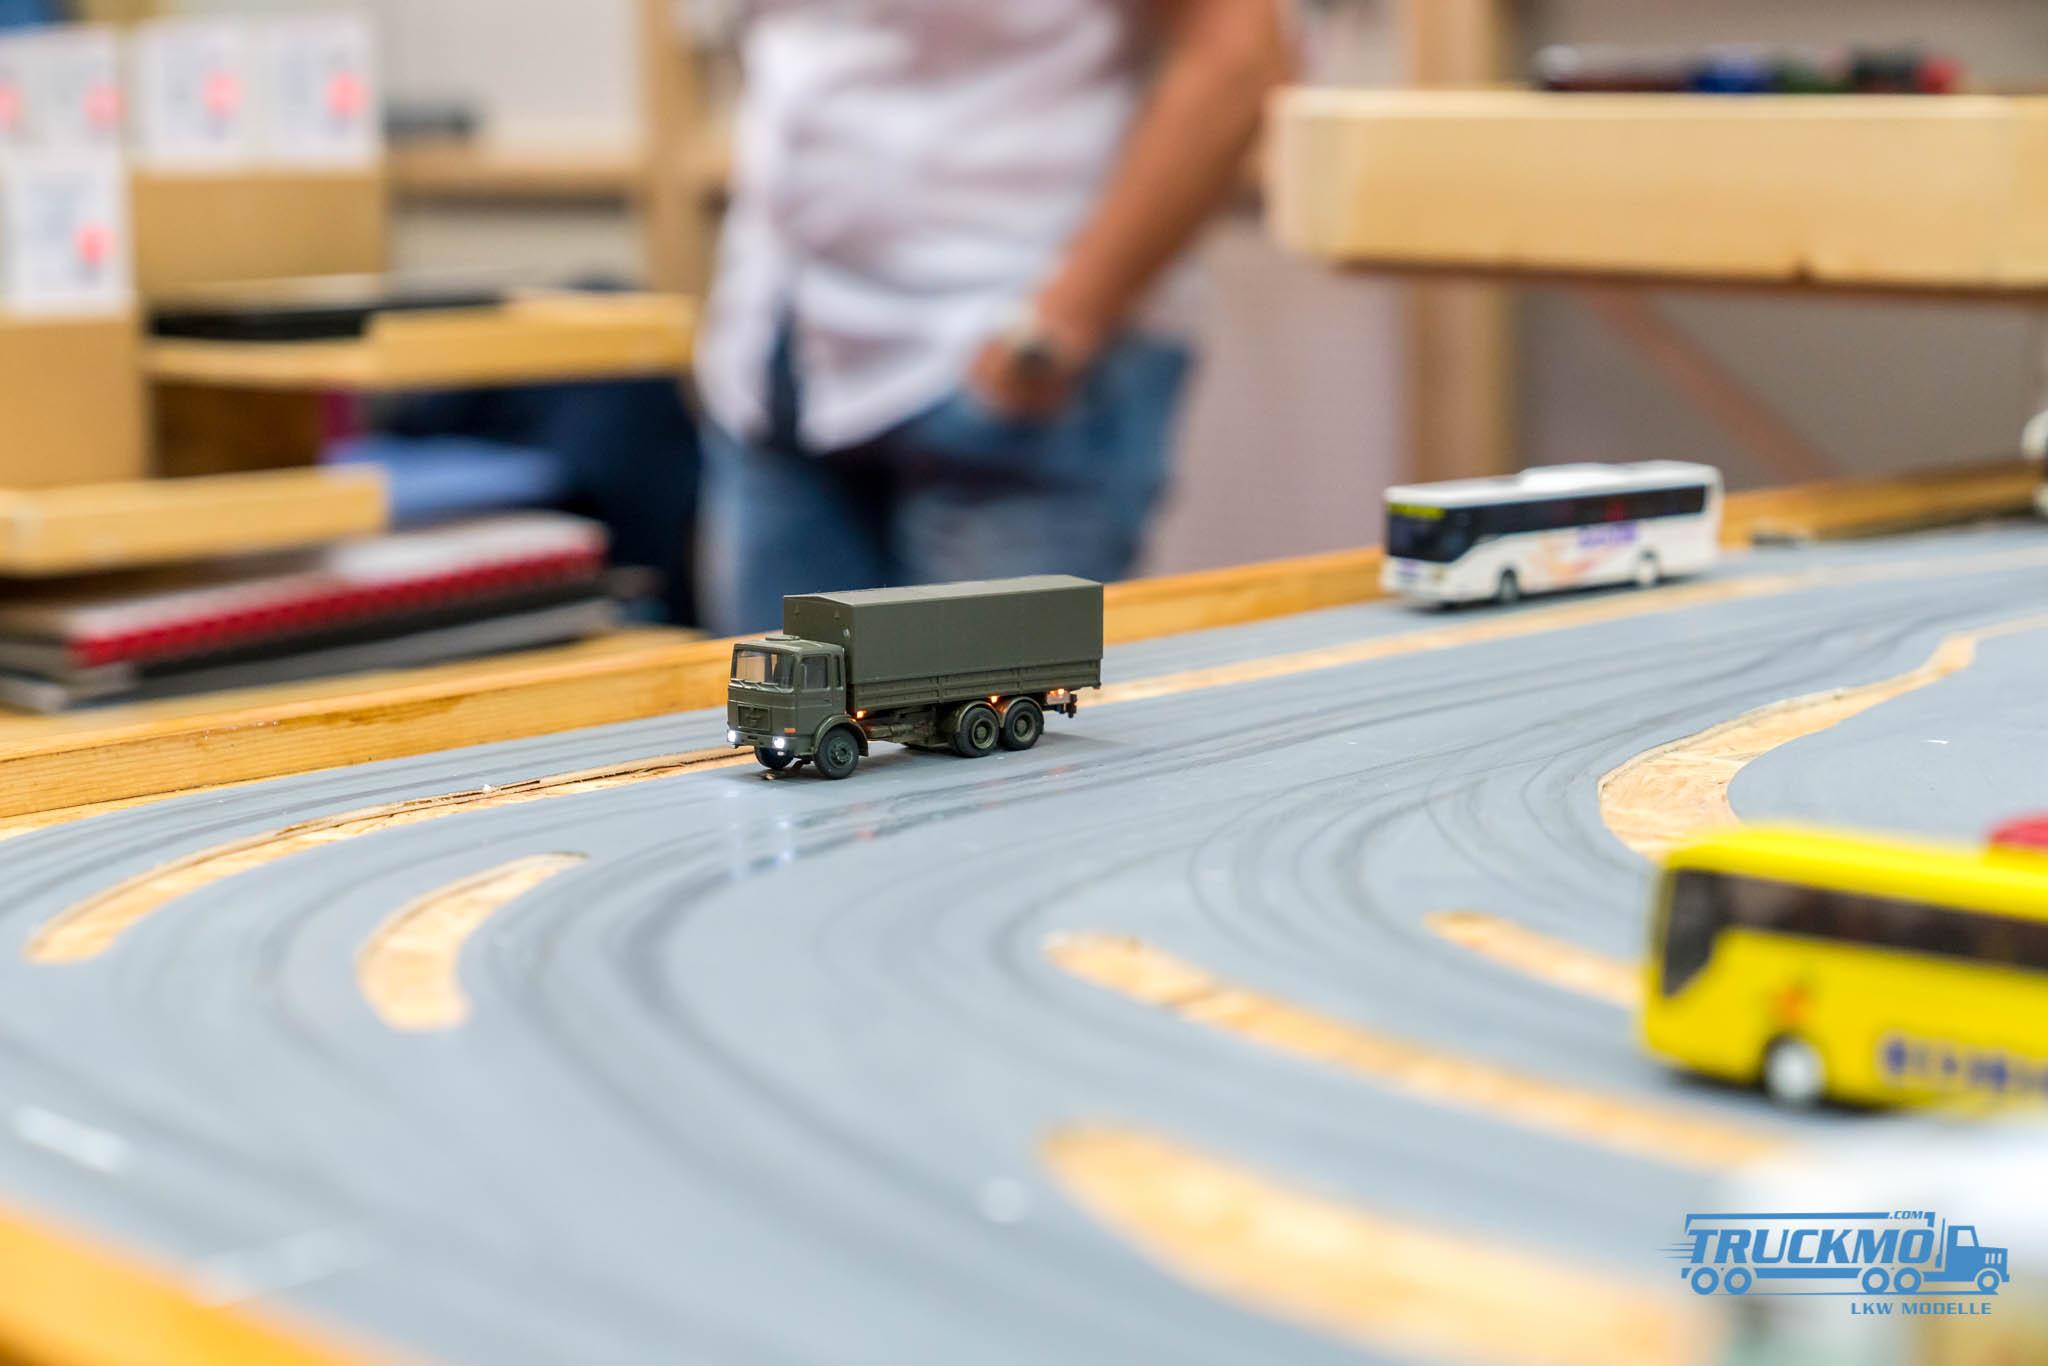 Truckmo_Modellbau_Ried_2017_Herpa_Messe_Modellbauausstellung (6 von 1177)